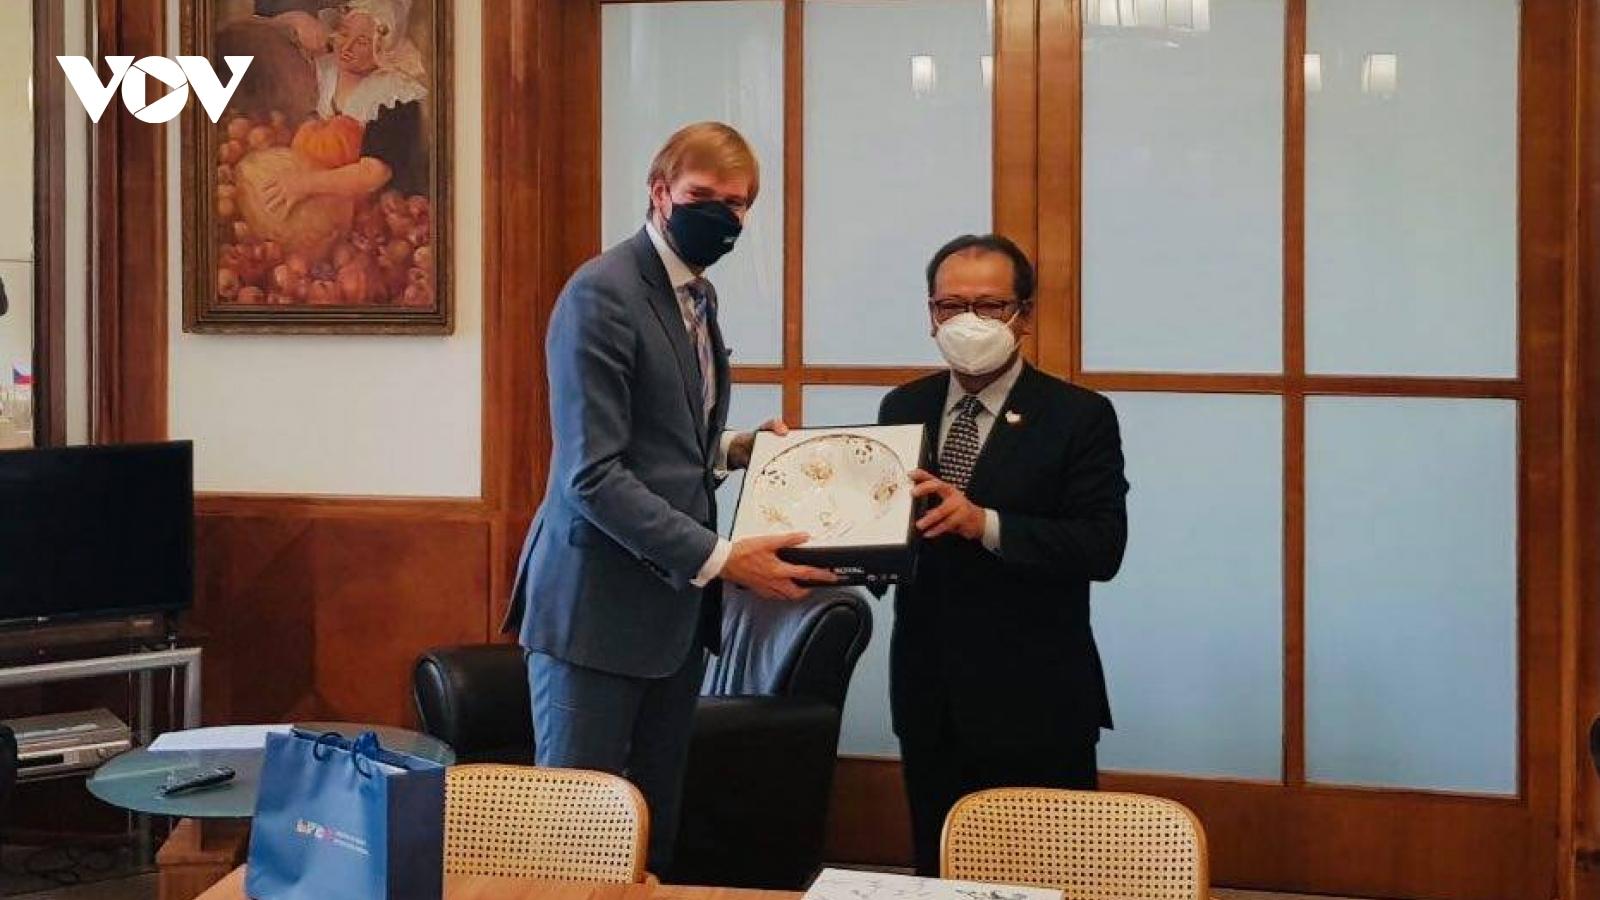 250.000 liều vaccine ngừa Covid-19 của Czech sẽ về Việt Nam trong tuần tới